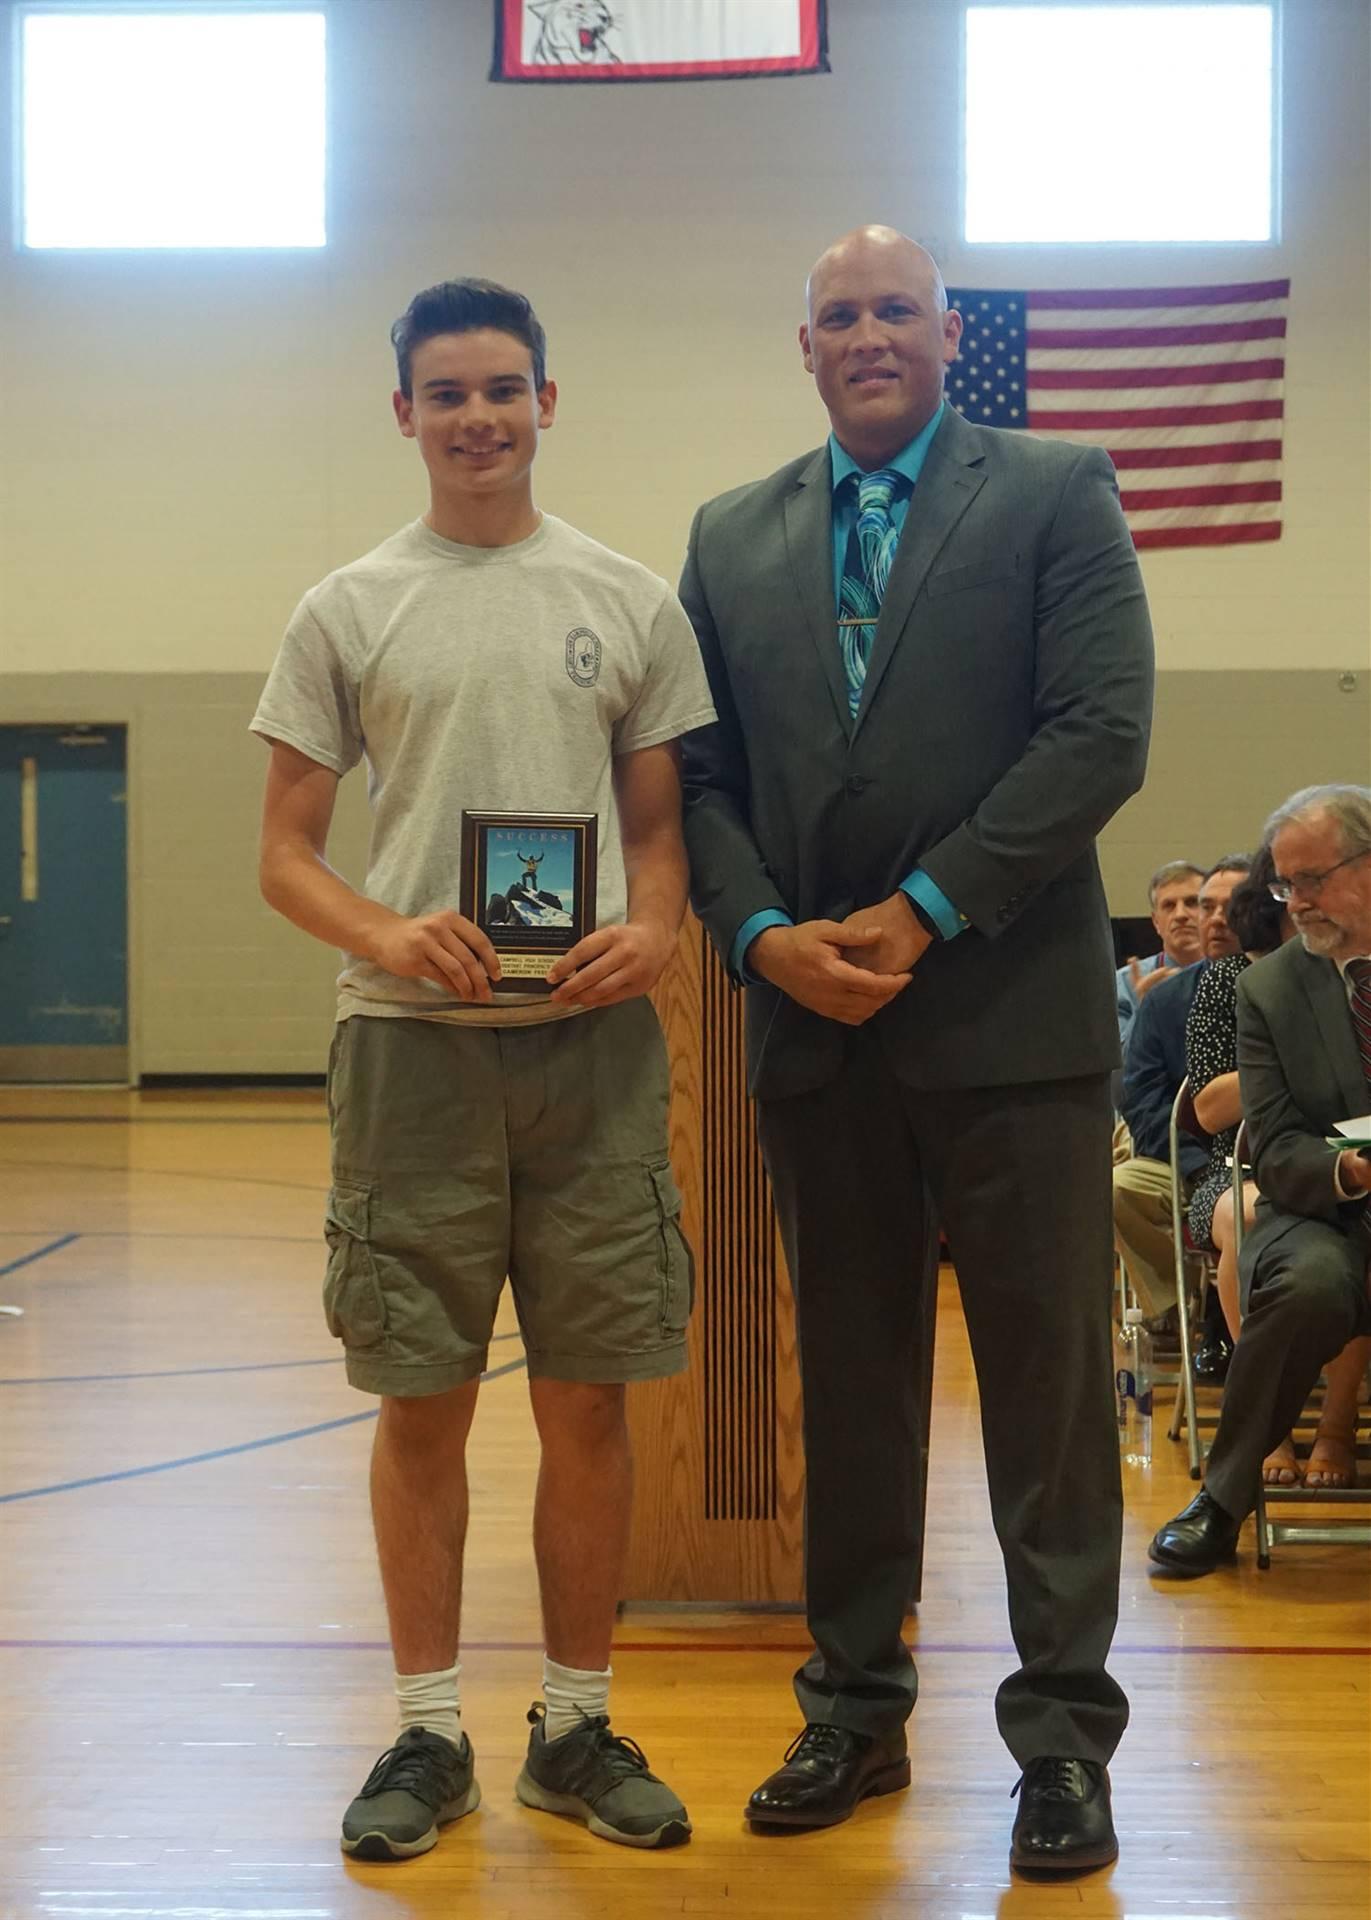 Assistant Principal's Award